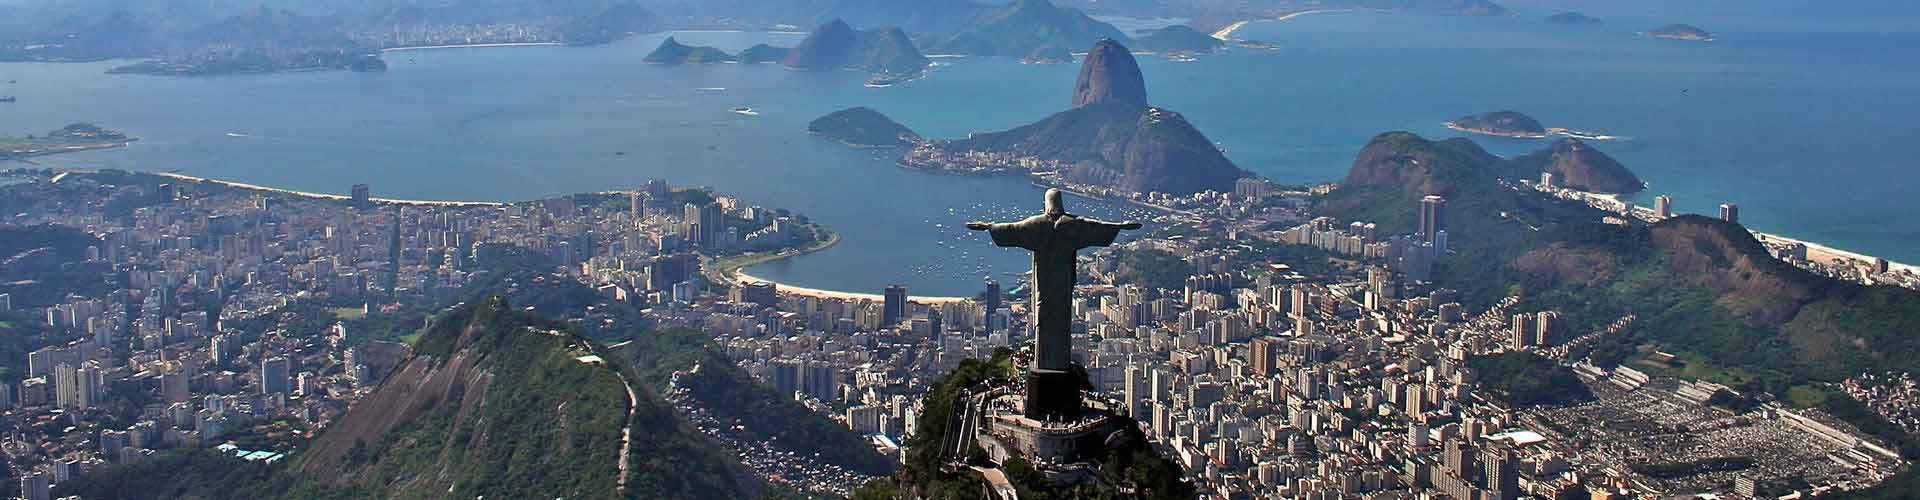 Río de Janeiro - Habitaciones en el distrito Bairro De Fátima. Mapas de Río de Janeiro, Fotos y Comentarios para cada habitación en Río de Janeiro.